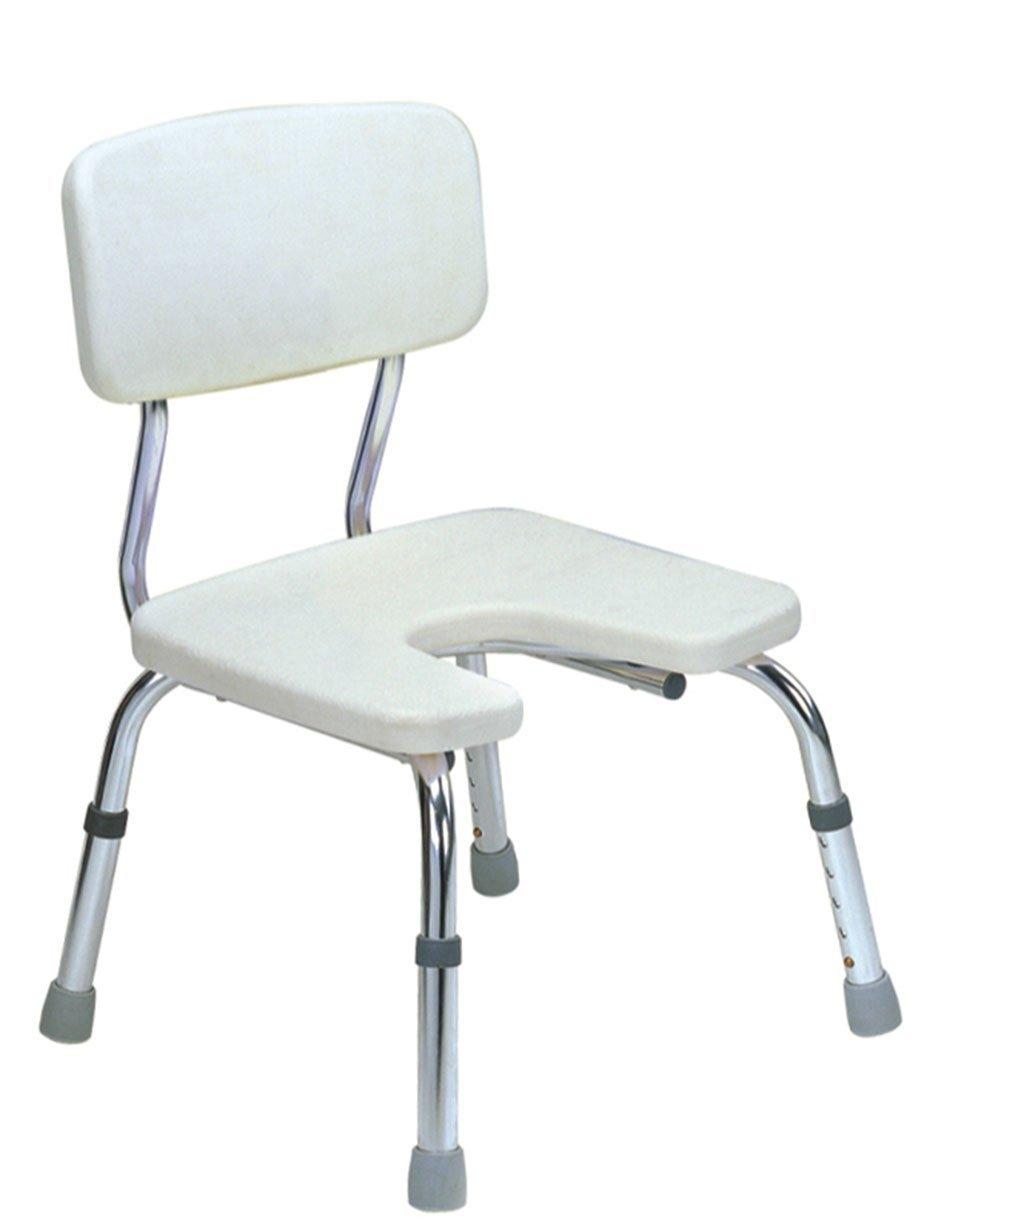 オールドマントイレシャワーチェア高さ調節可能なノンスリップ妊婦浴室椅子バスルームアルミ合金シャワーチェア便利な快適 B07CNKT7MR